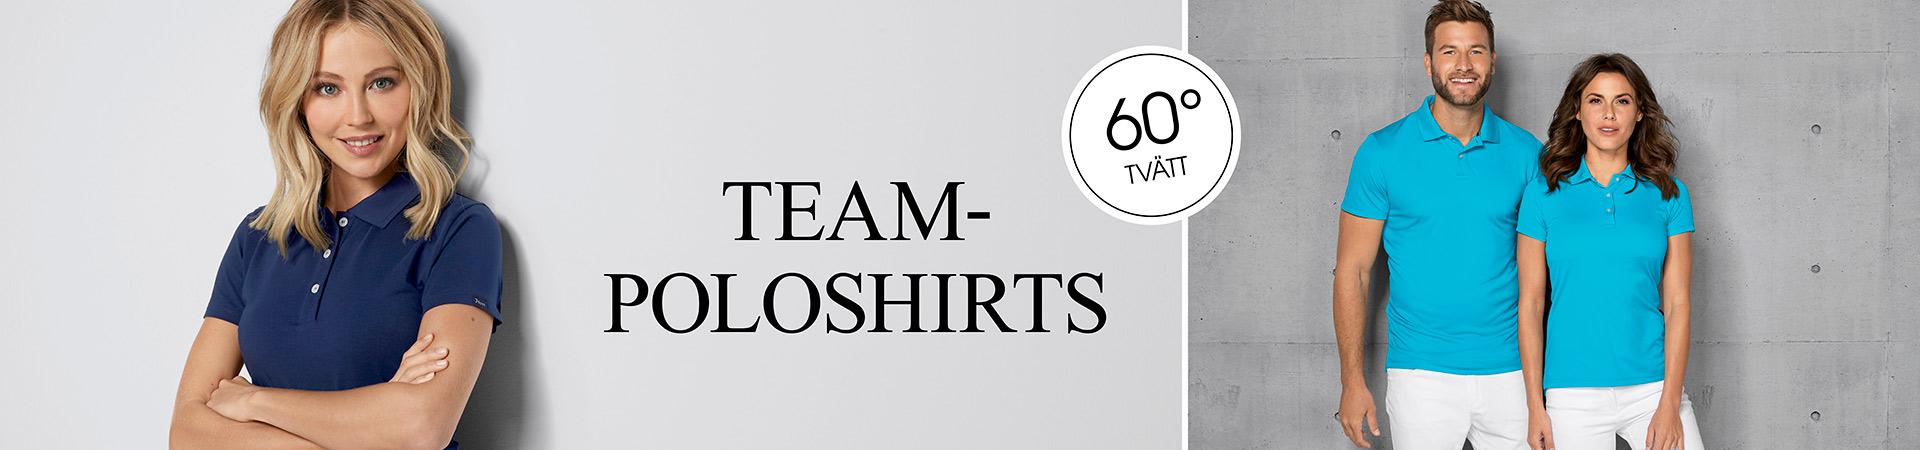 Teamkläder Piké Poloshirts - arbetskläder 7days